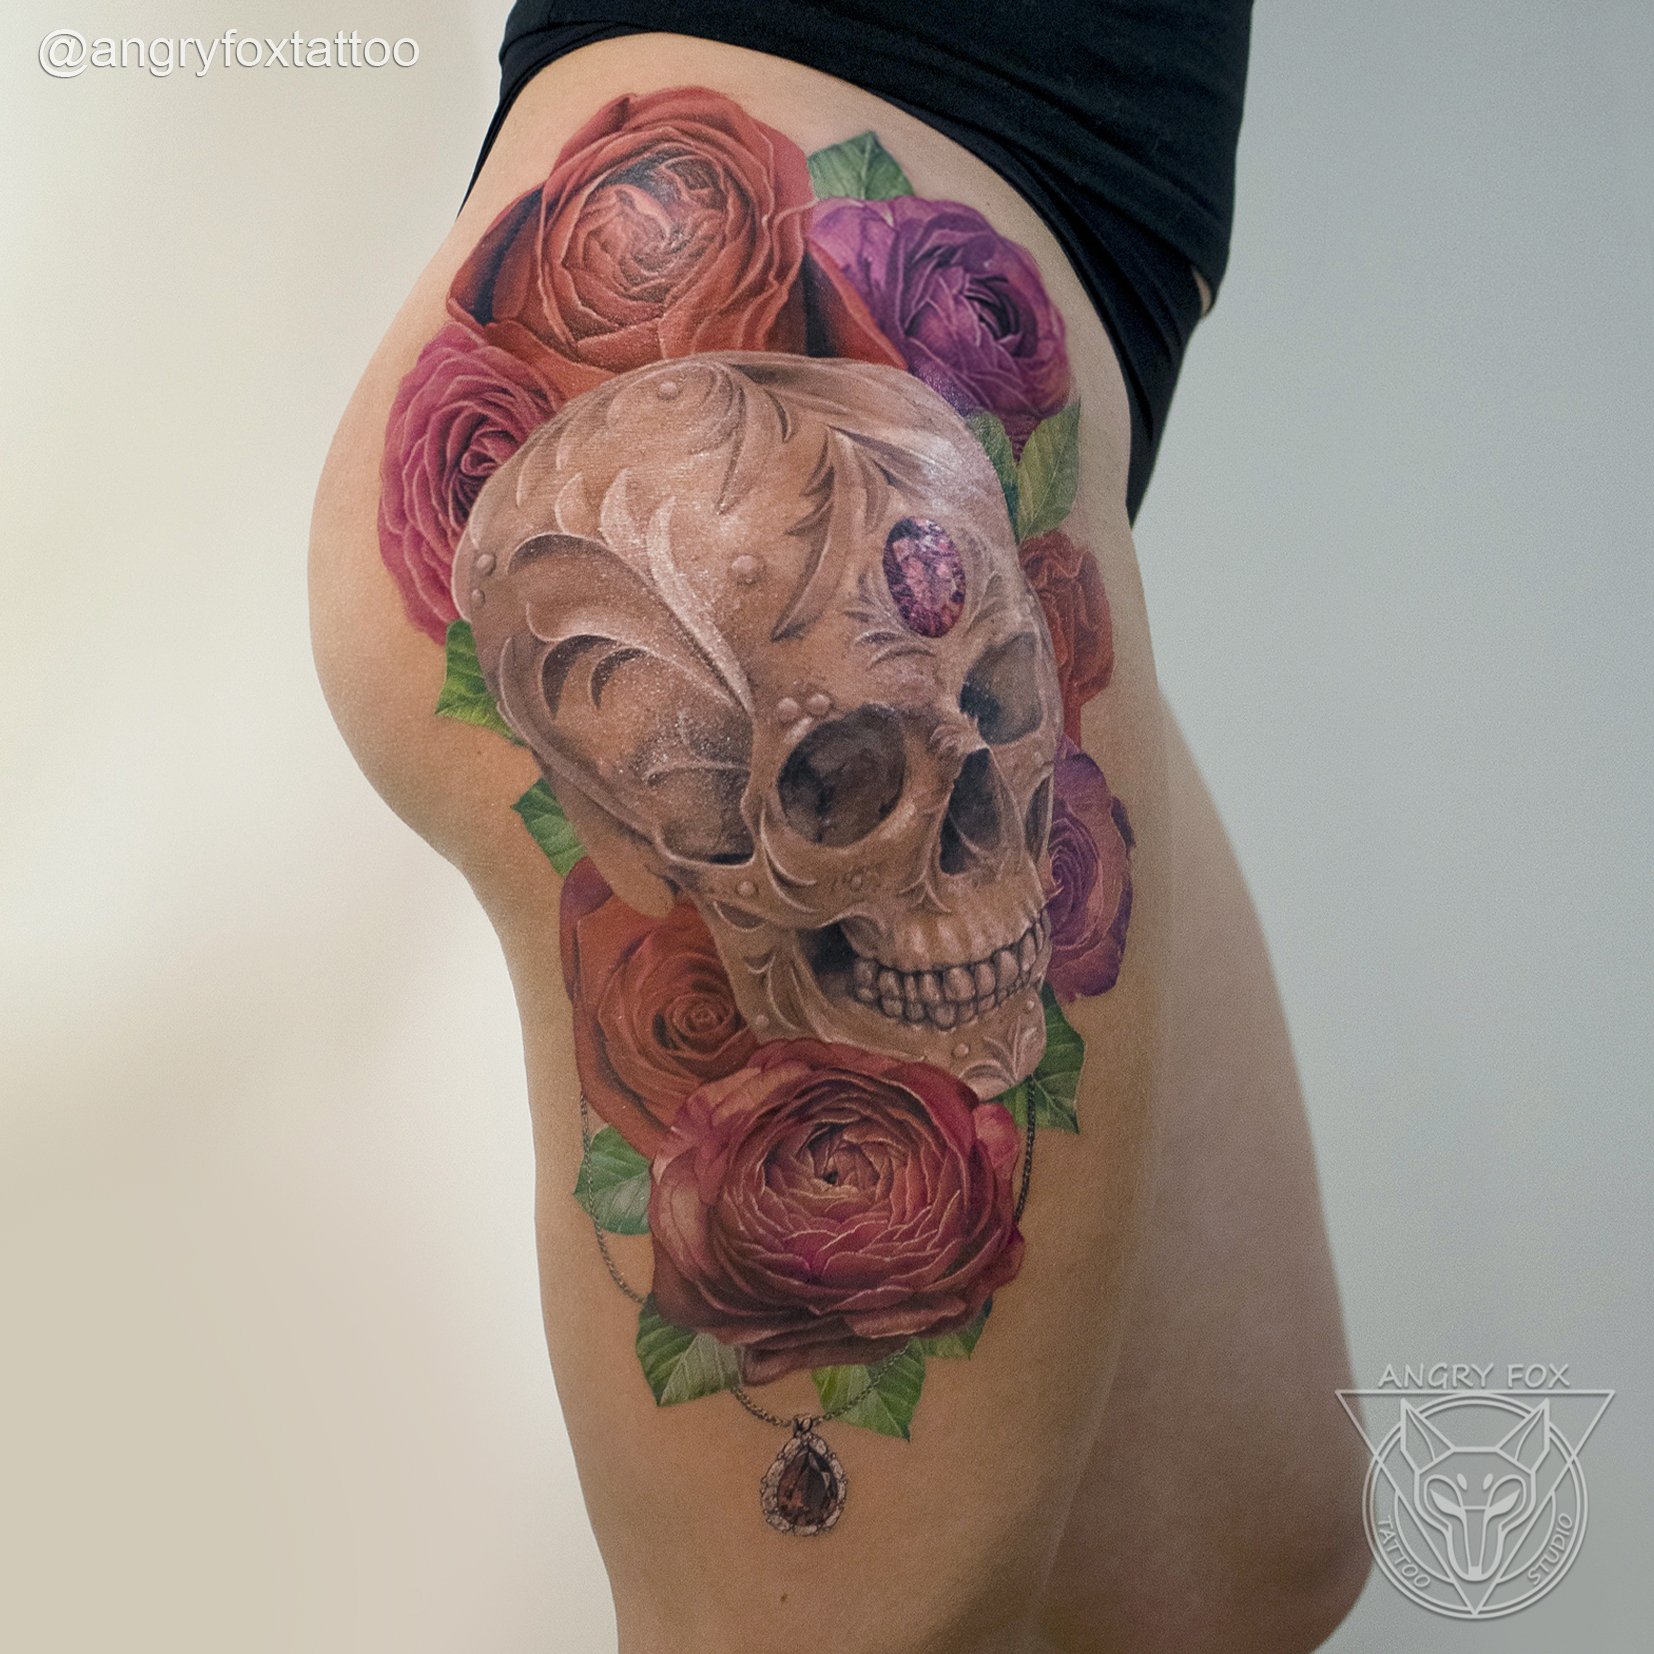 татуировка, тату, бедро, нога, попа, ягодицы, череп, розы, реализм, подвеска, рубин, бриллиант, алмаз, цветы, кулон